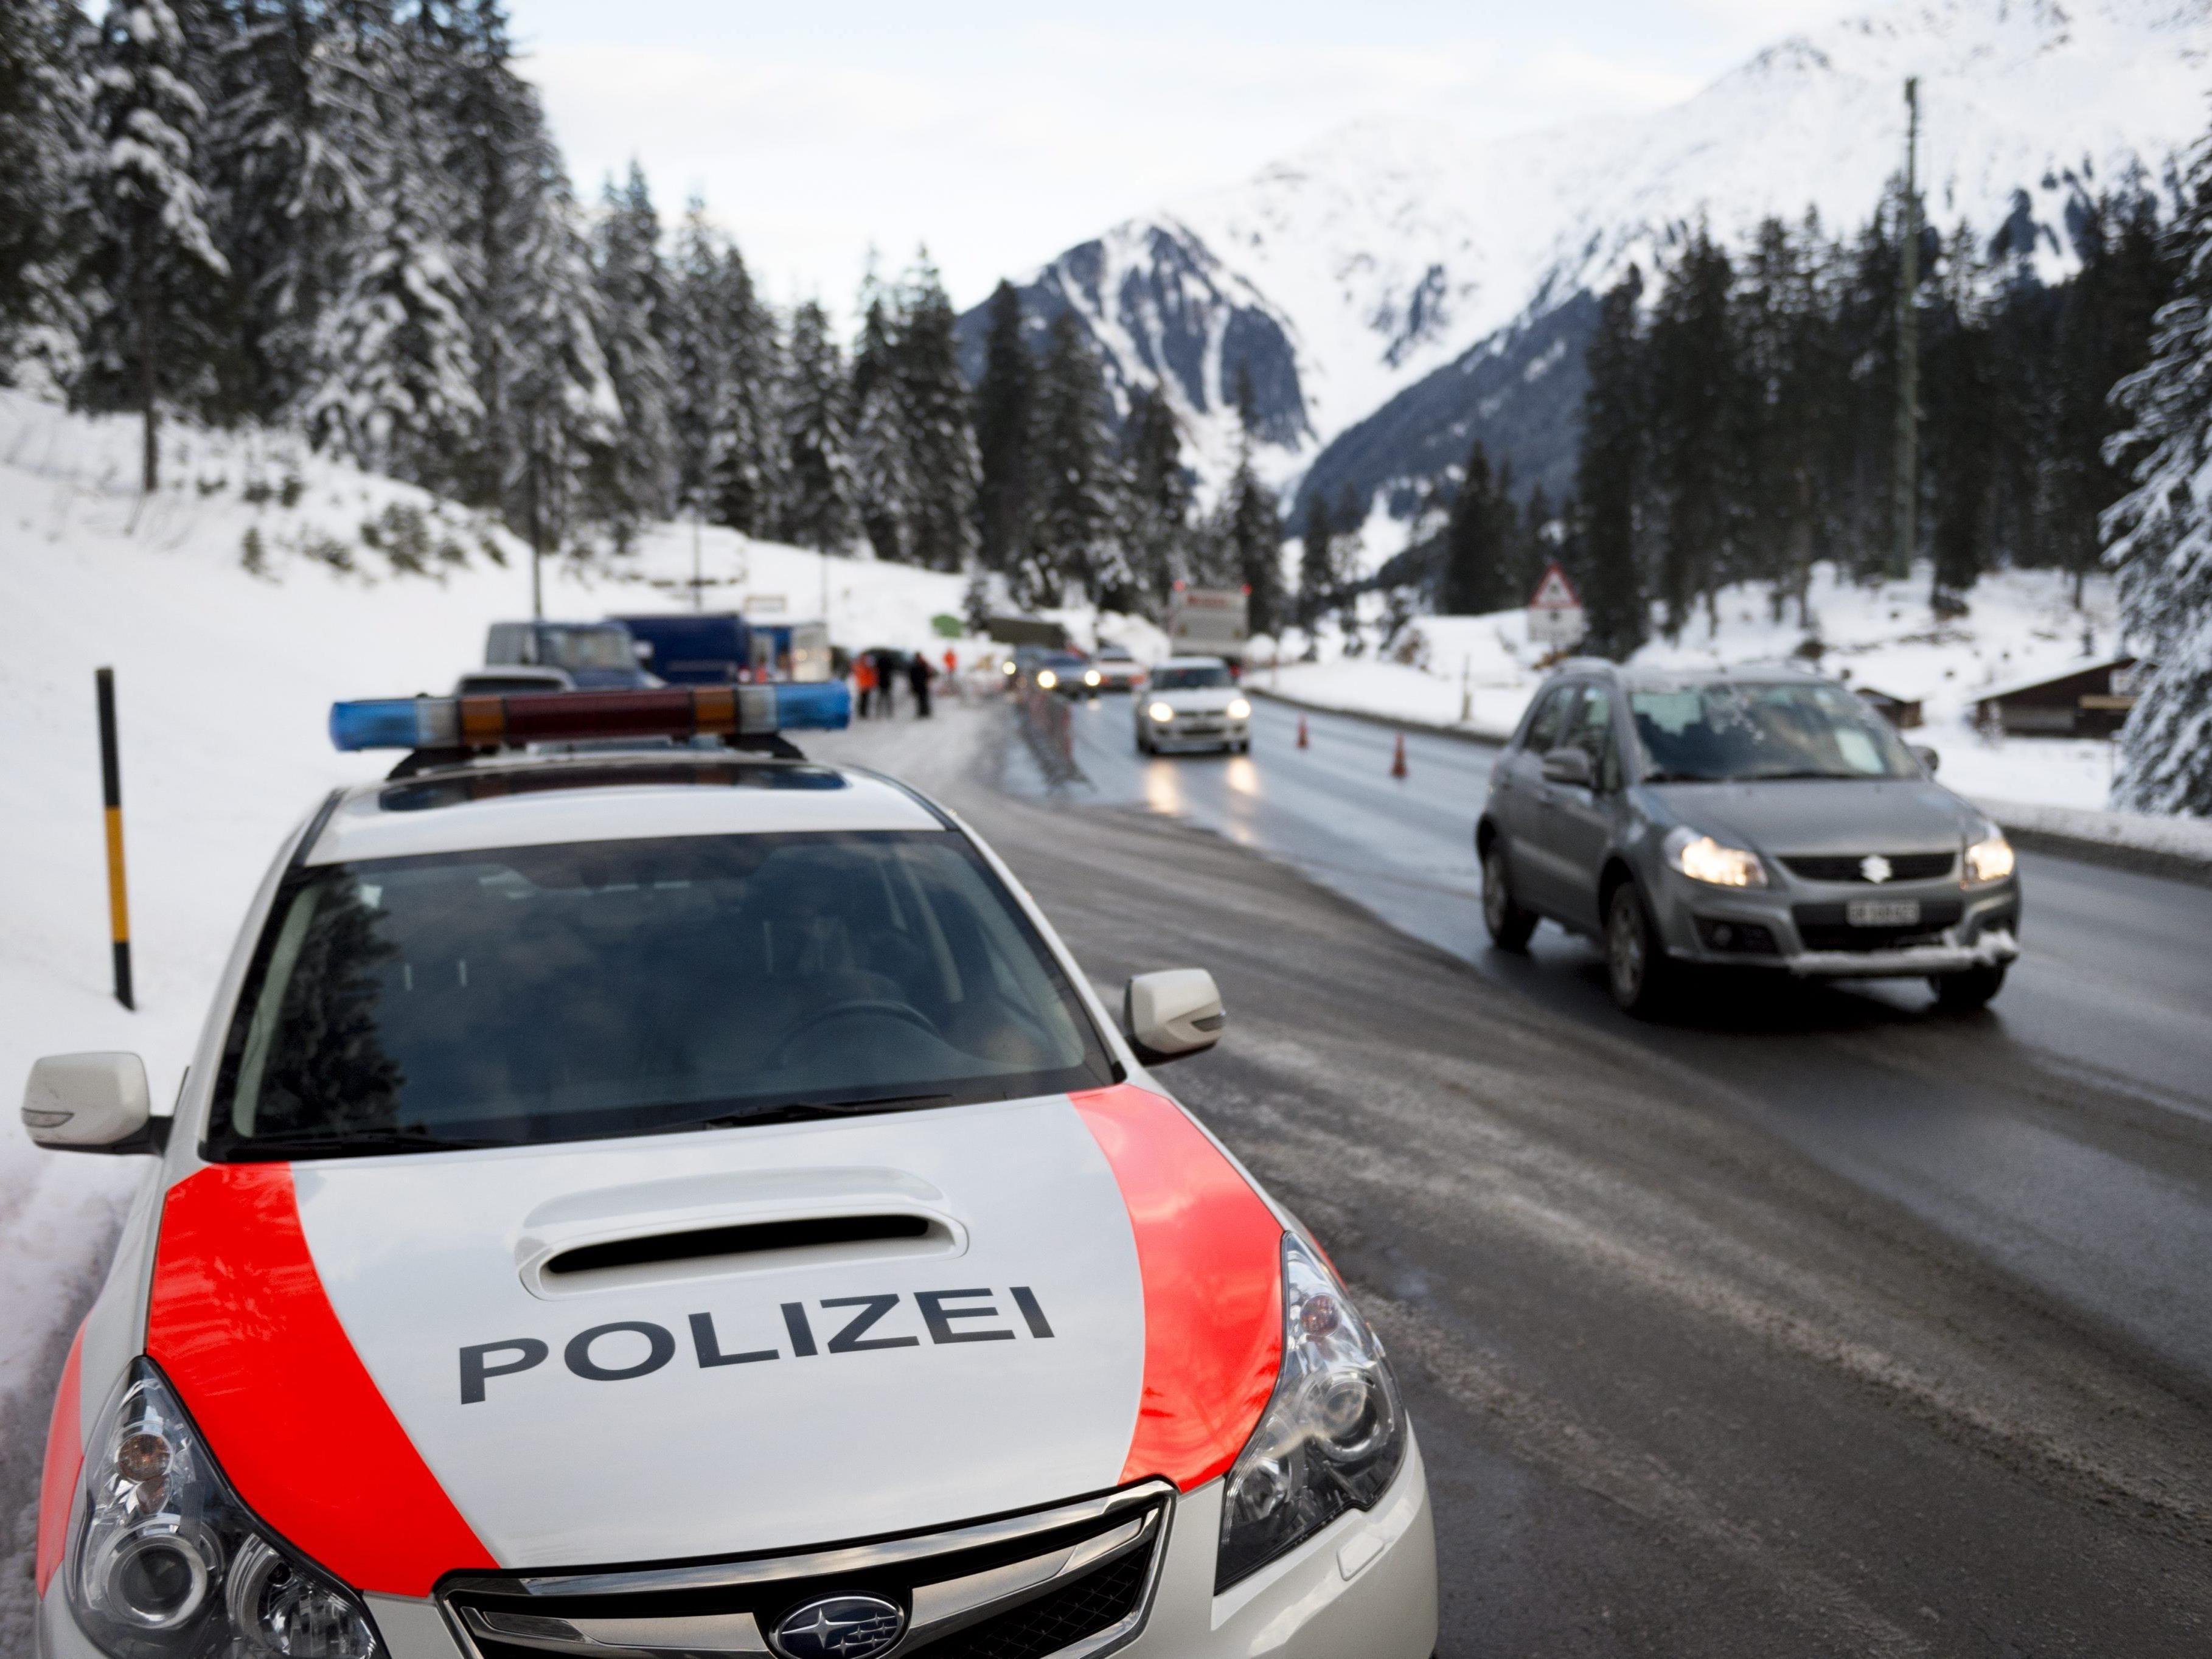 Die Polizei hat den mutmaßlichen Täter im Rahmen einer Großfahndung gefunden.